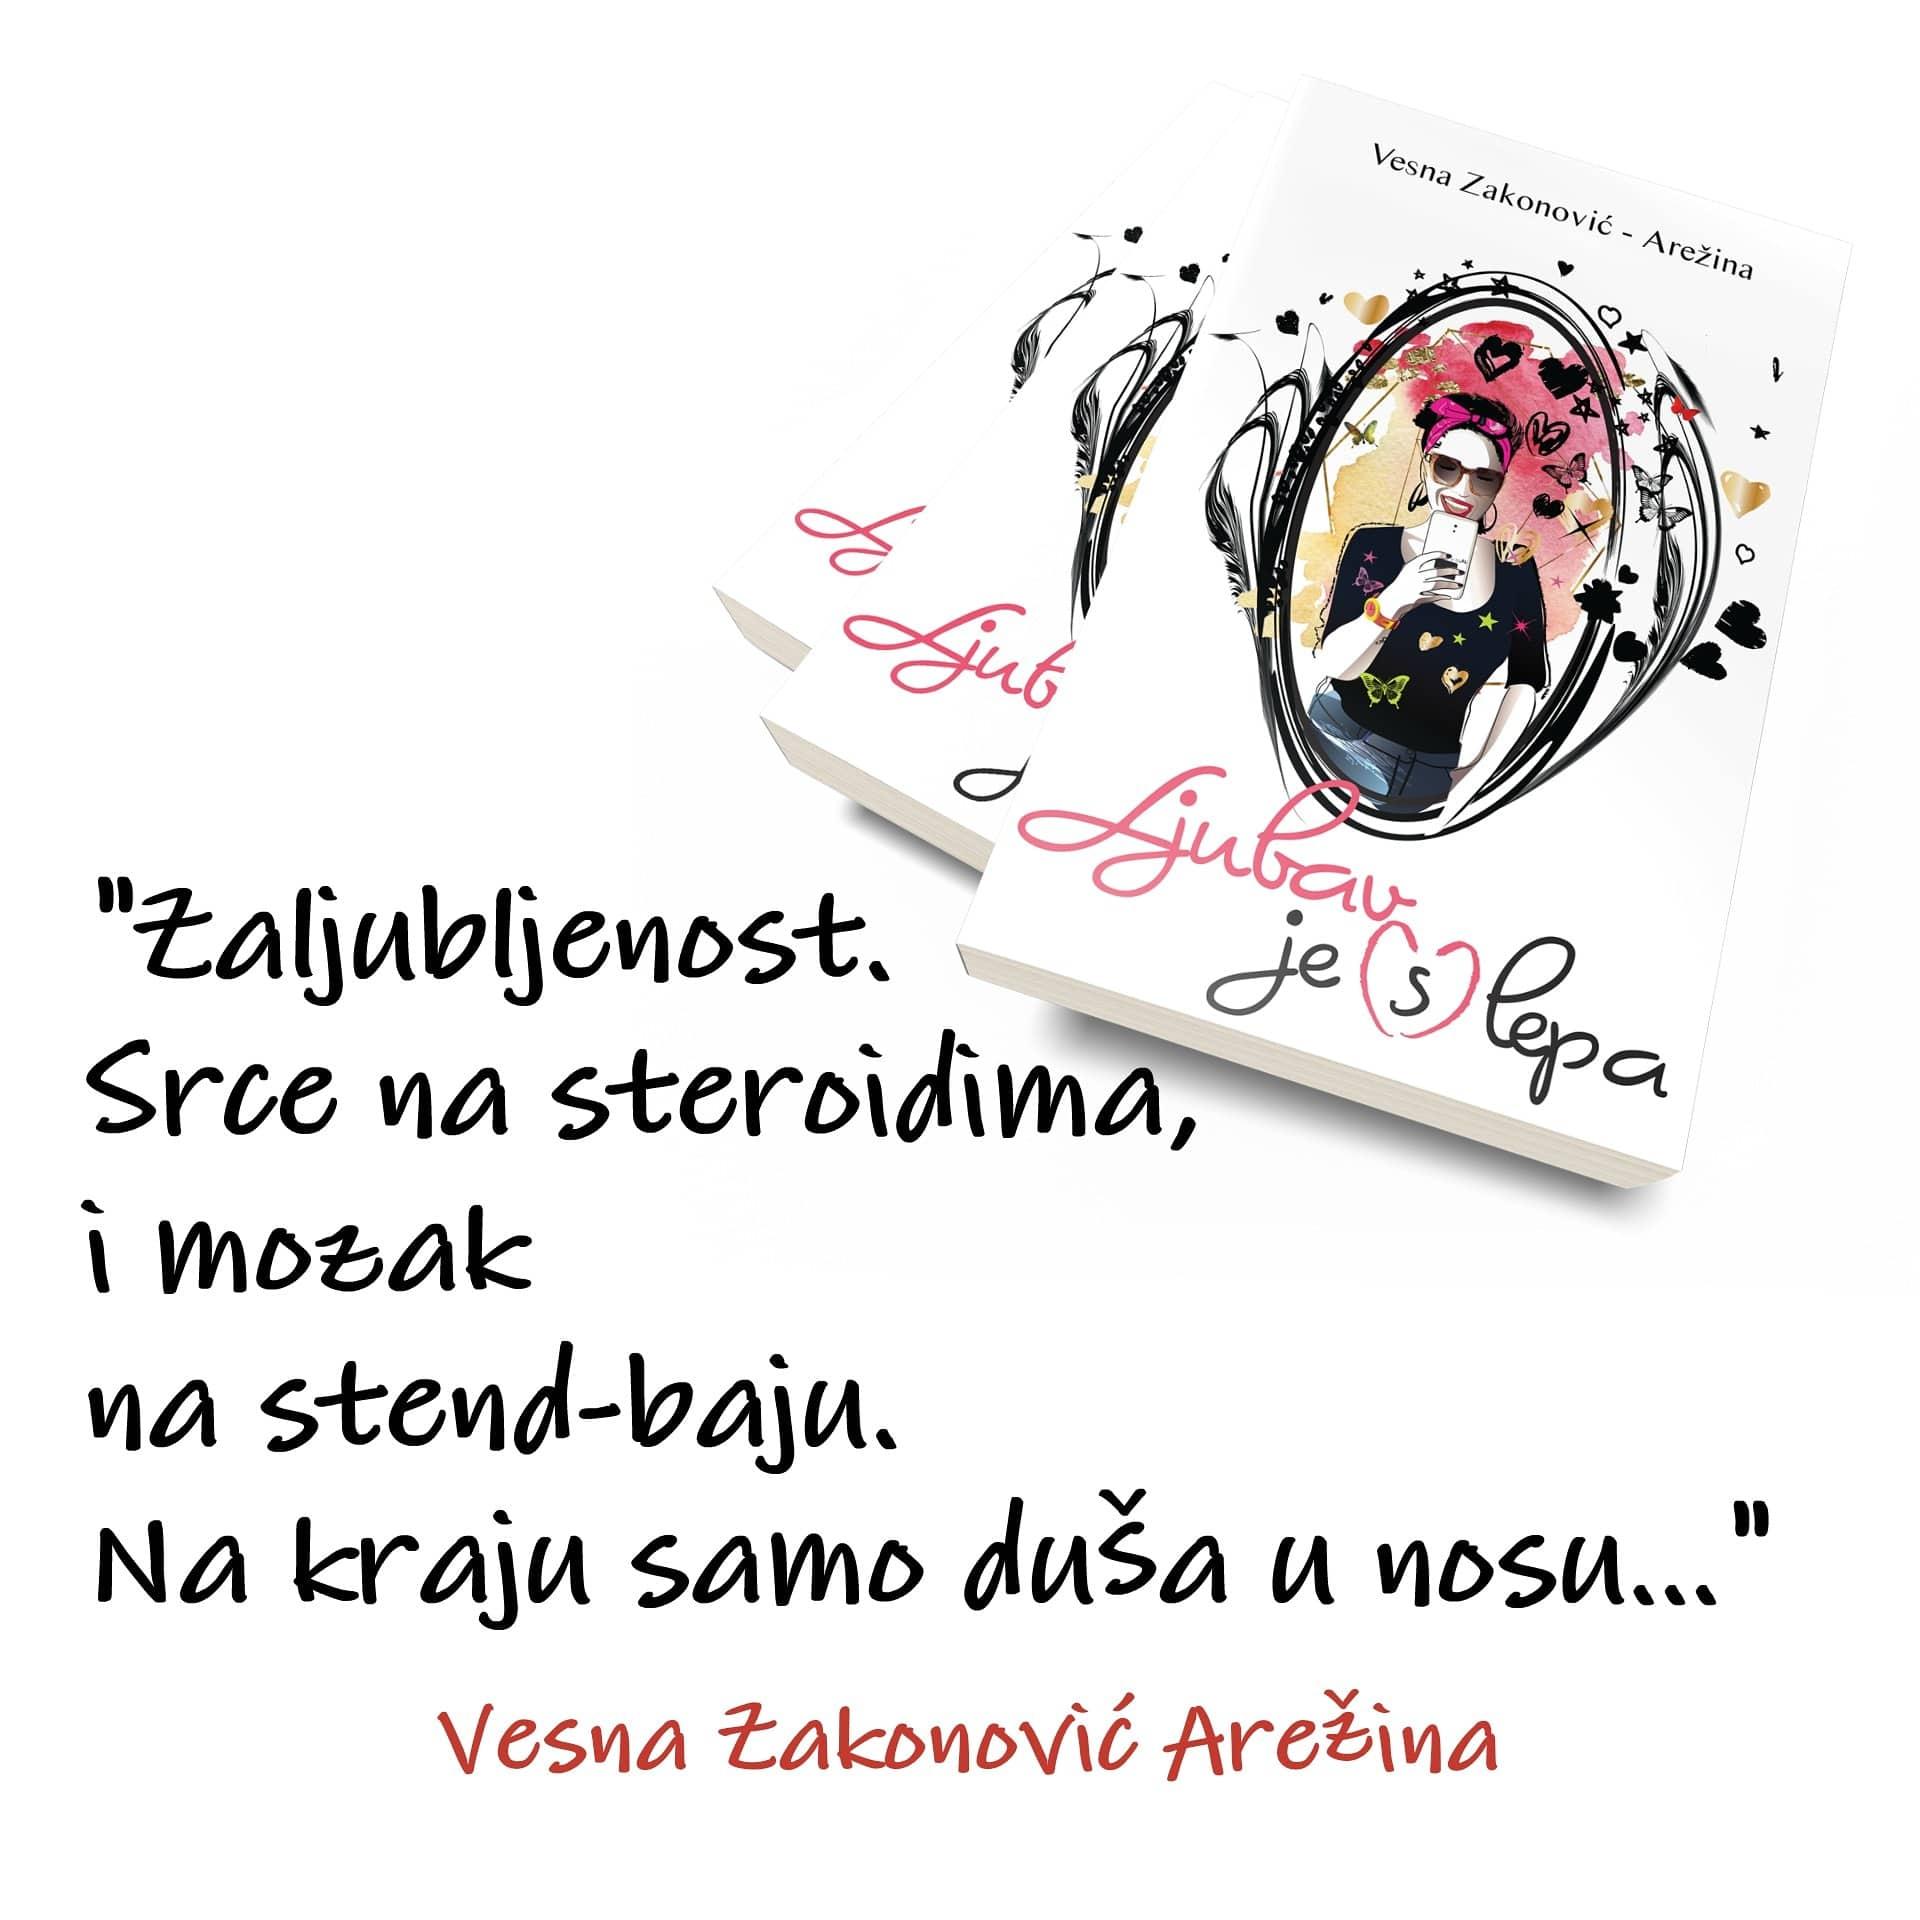 ljubav-je-slepa-slide-07